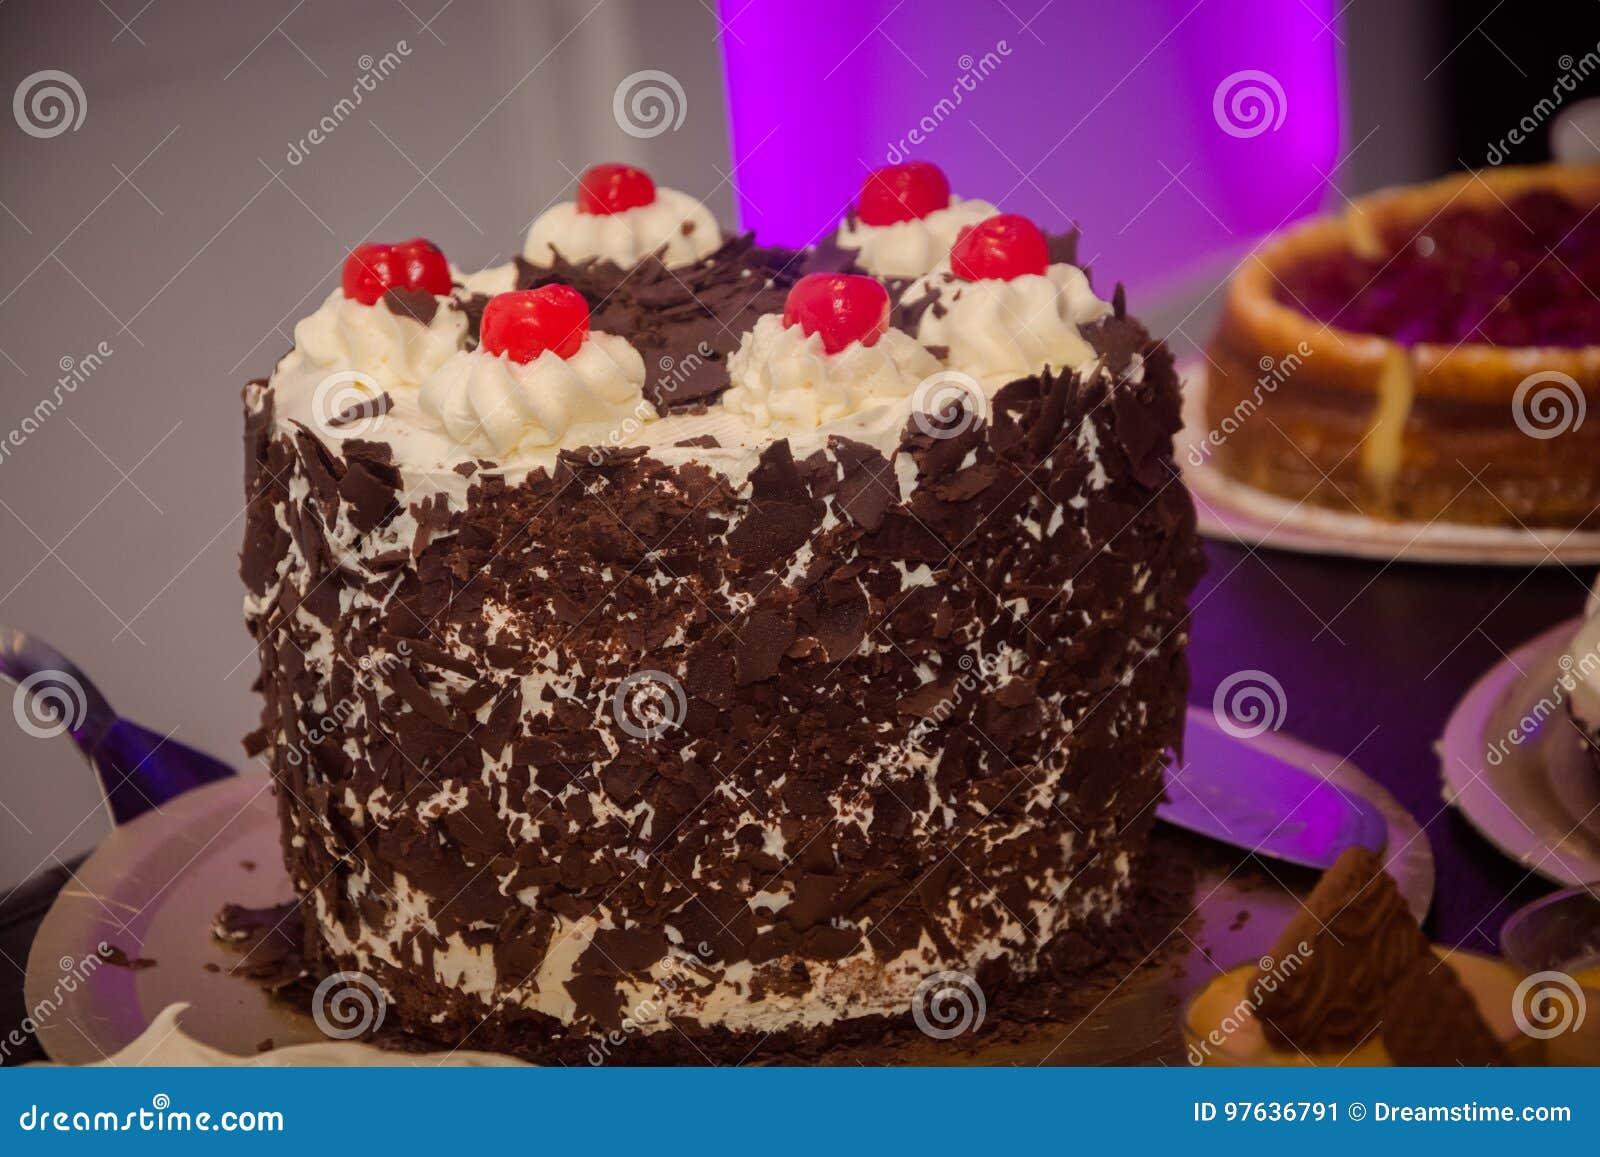 Очень вкусный торт с мороженым